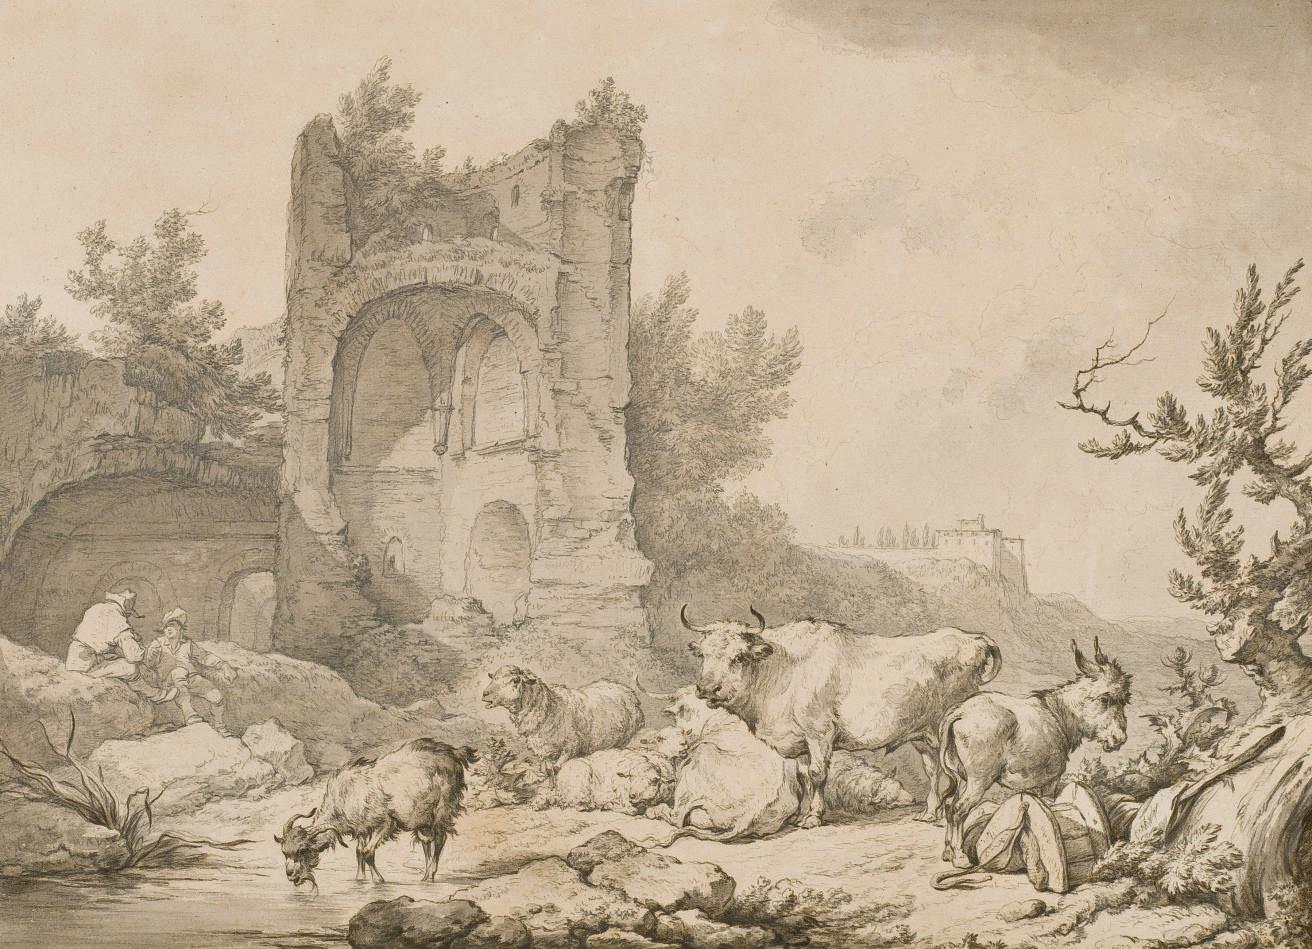 Troupeau d'animaux dans un paysage en ruines à Mondragon en Dauphiné